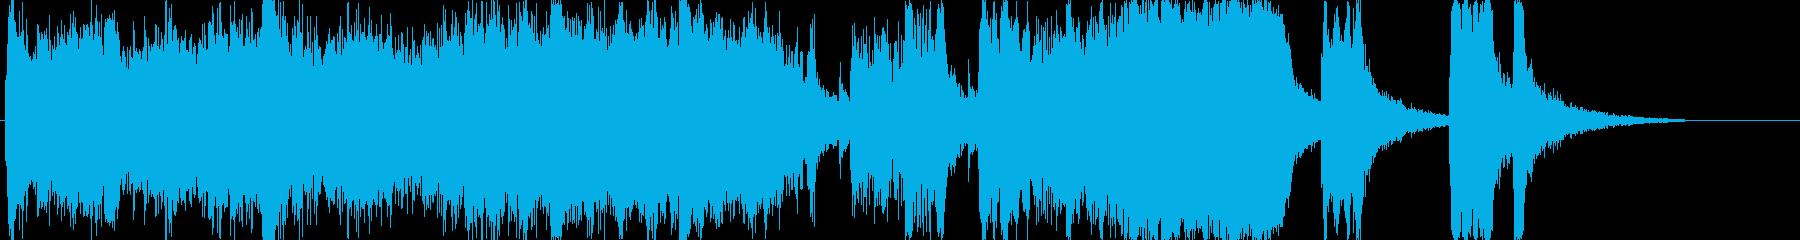 OP行進フルオーケストラの再生済みの波形